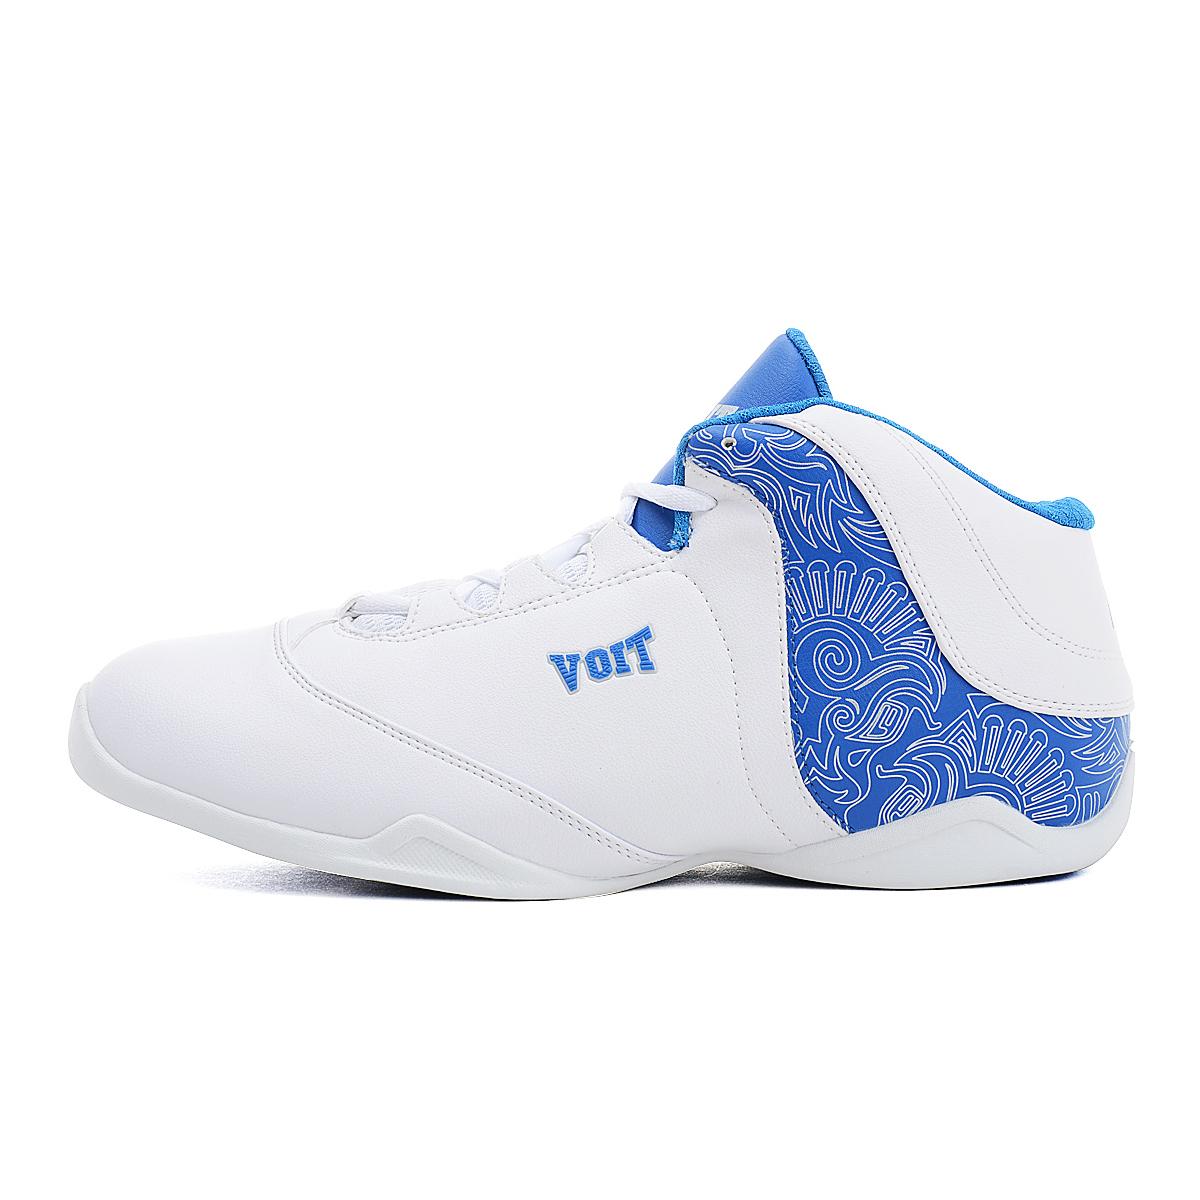 官方旗舰店沃特VOIT 运动鞋 篮球鞋男 正品折扣 耐磨 篮图腾热卖